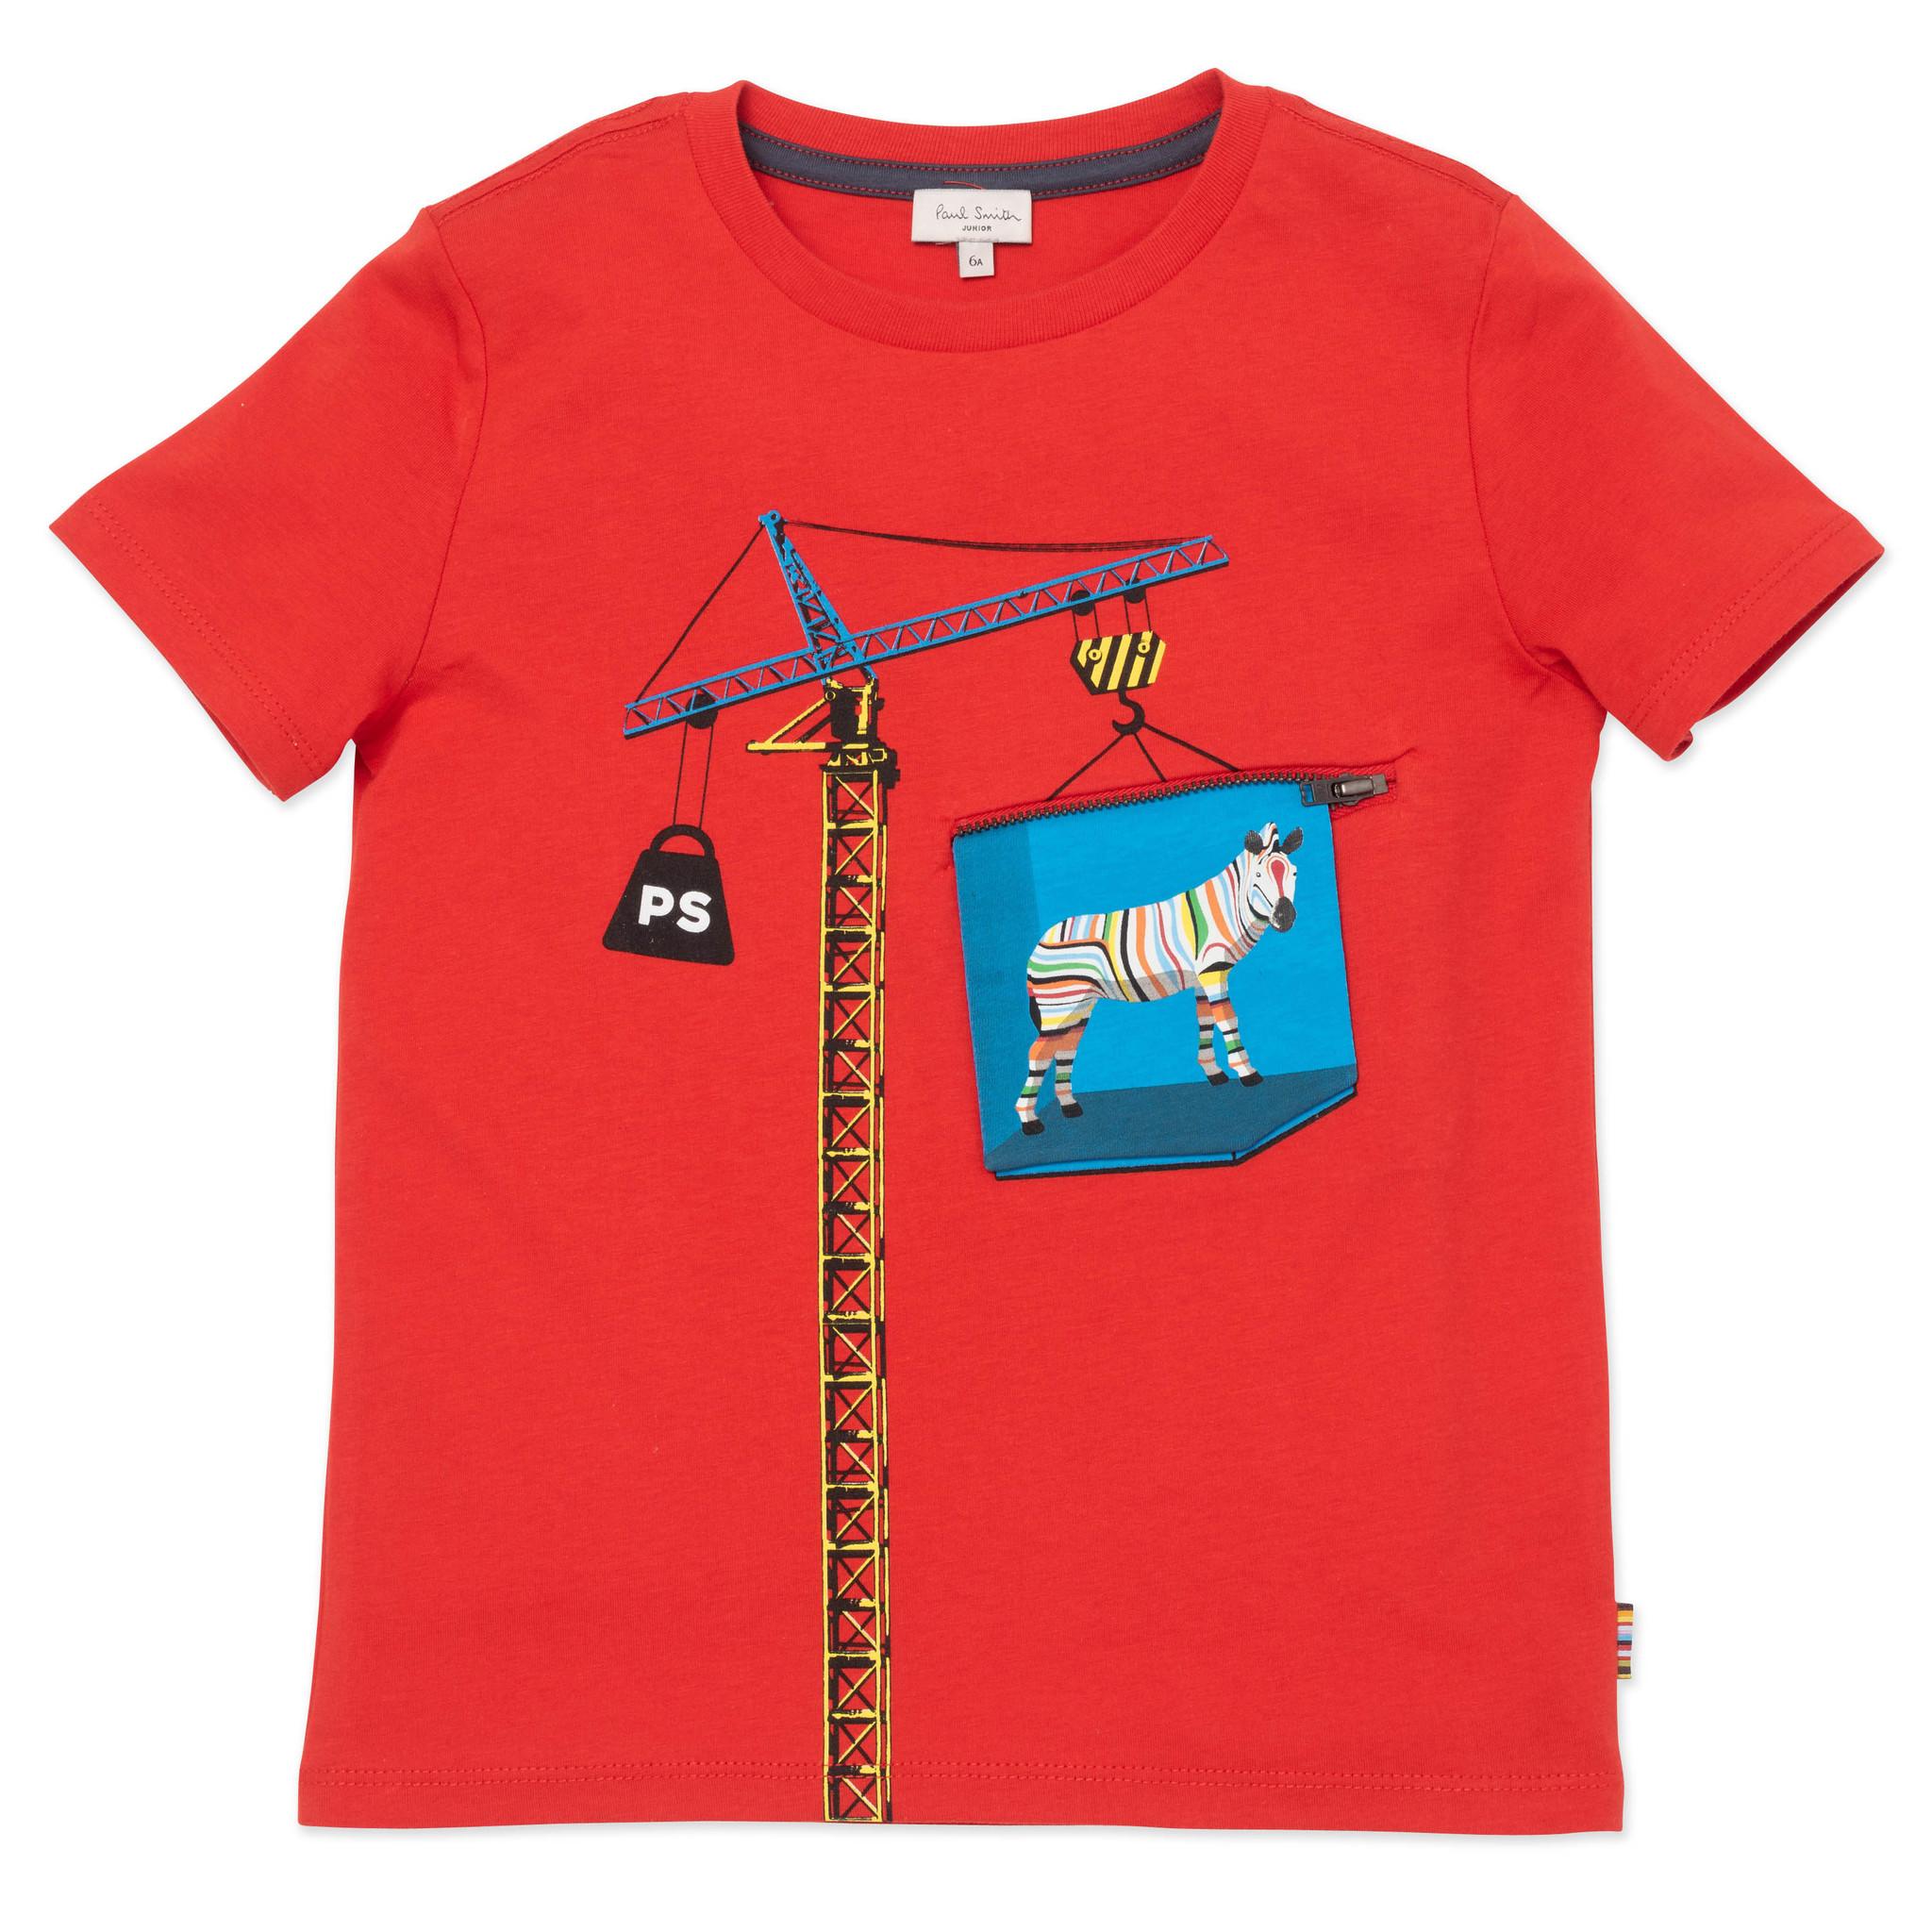 PAUL SMITH  t-shirt à manches courtes-1